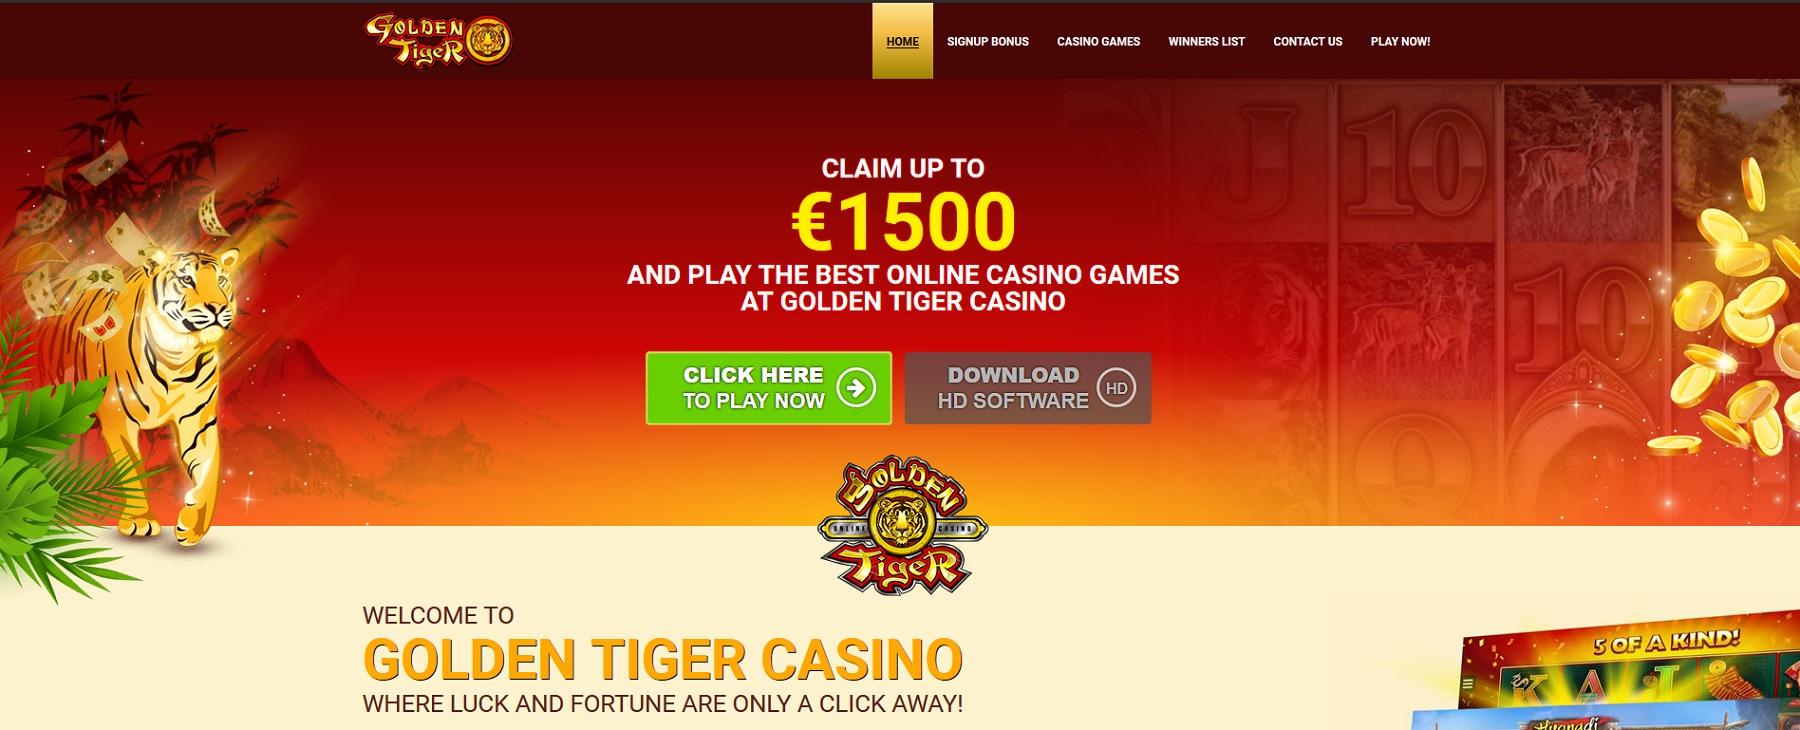 Golden Tiger CA$1500 + 1 Hour of Free Spins Bonus Offer